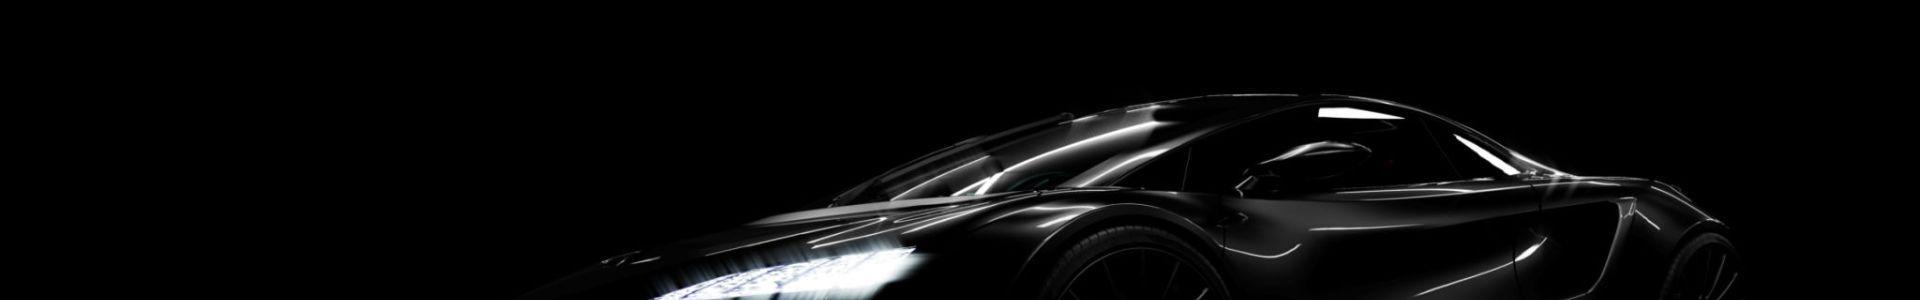 Czarne auto